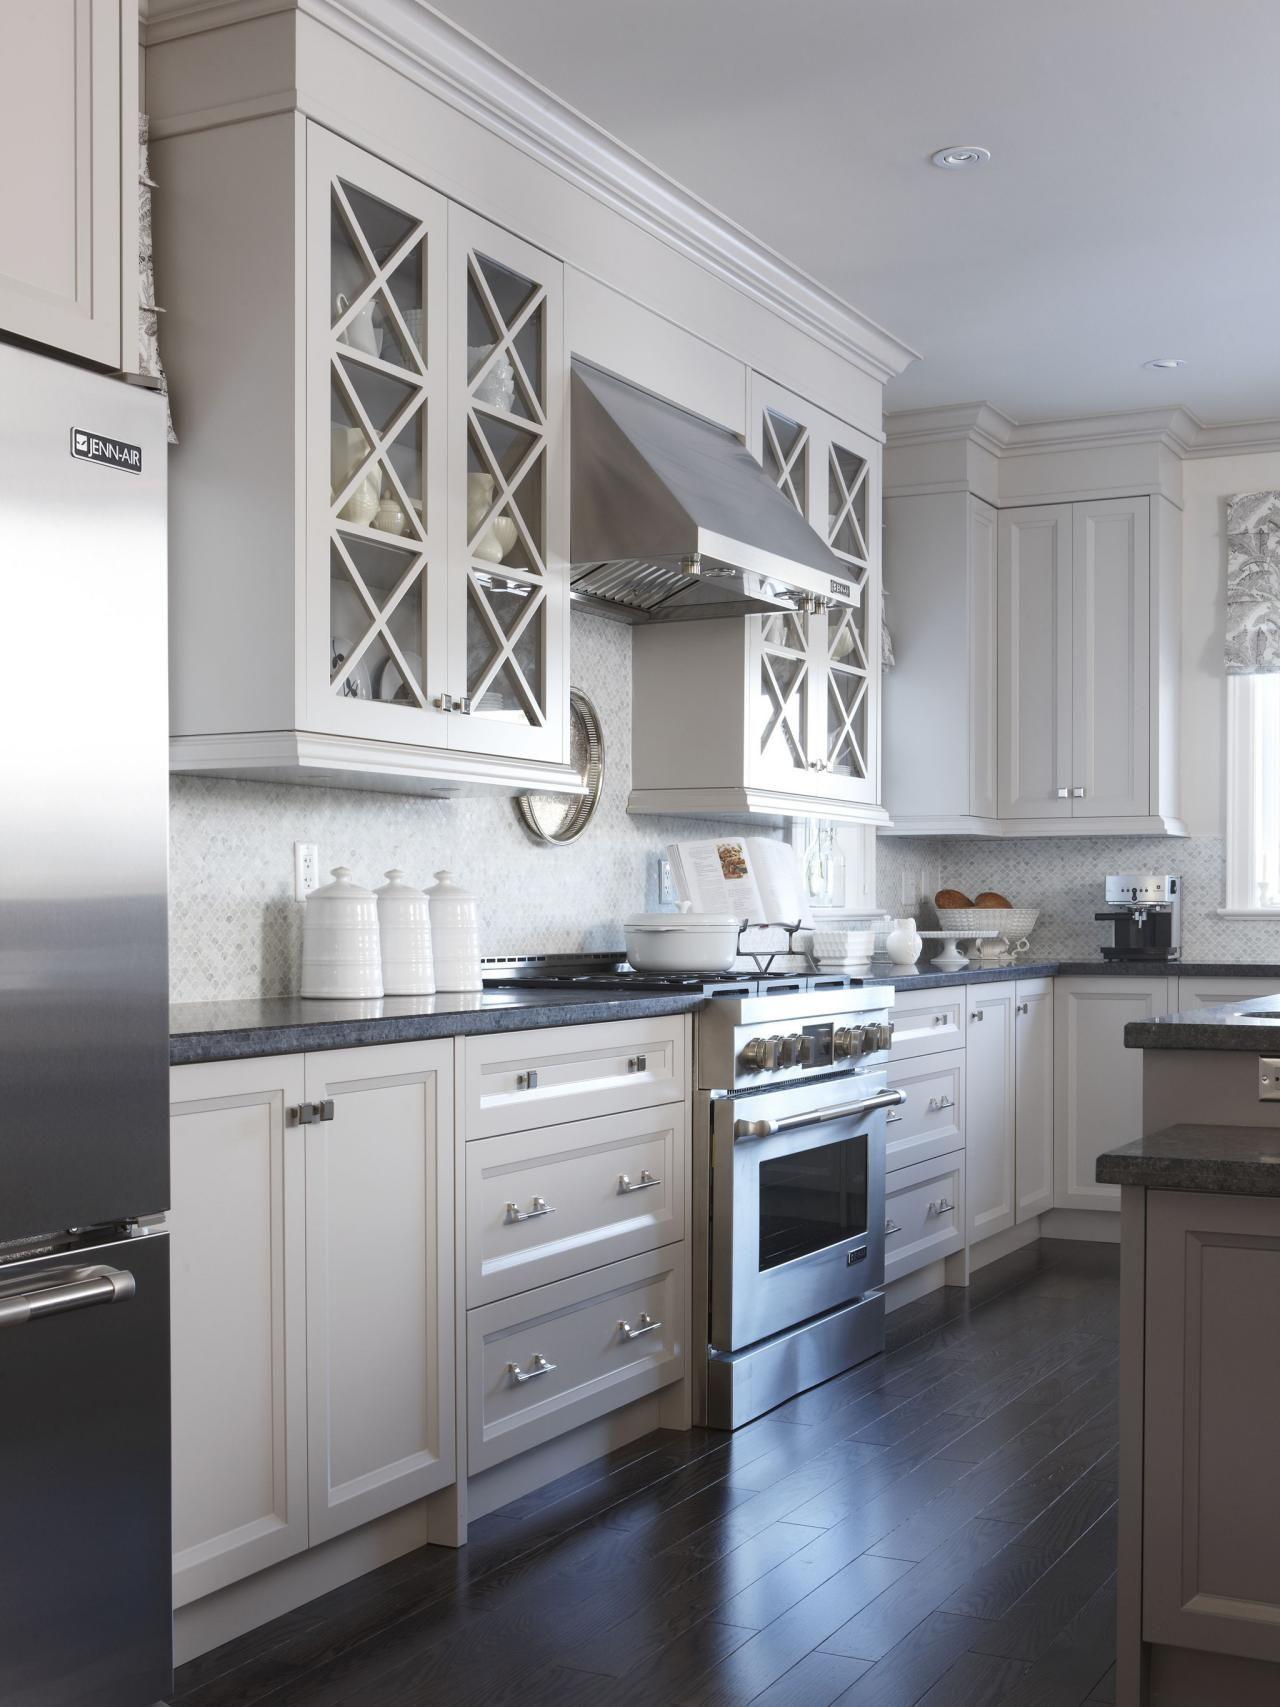 Innenarchitektur für küchenschrank geheimnisse zum finden von billigen küchenschränken  traumhaus